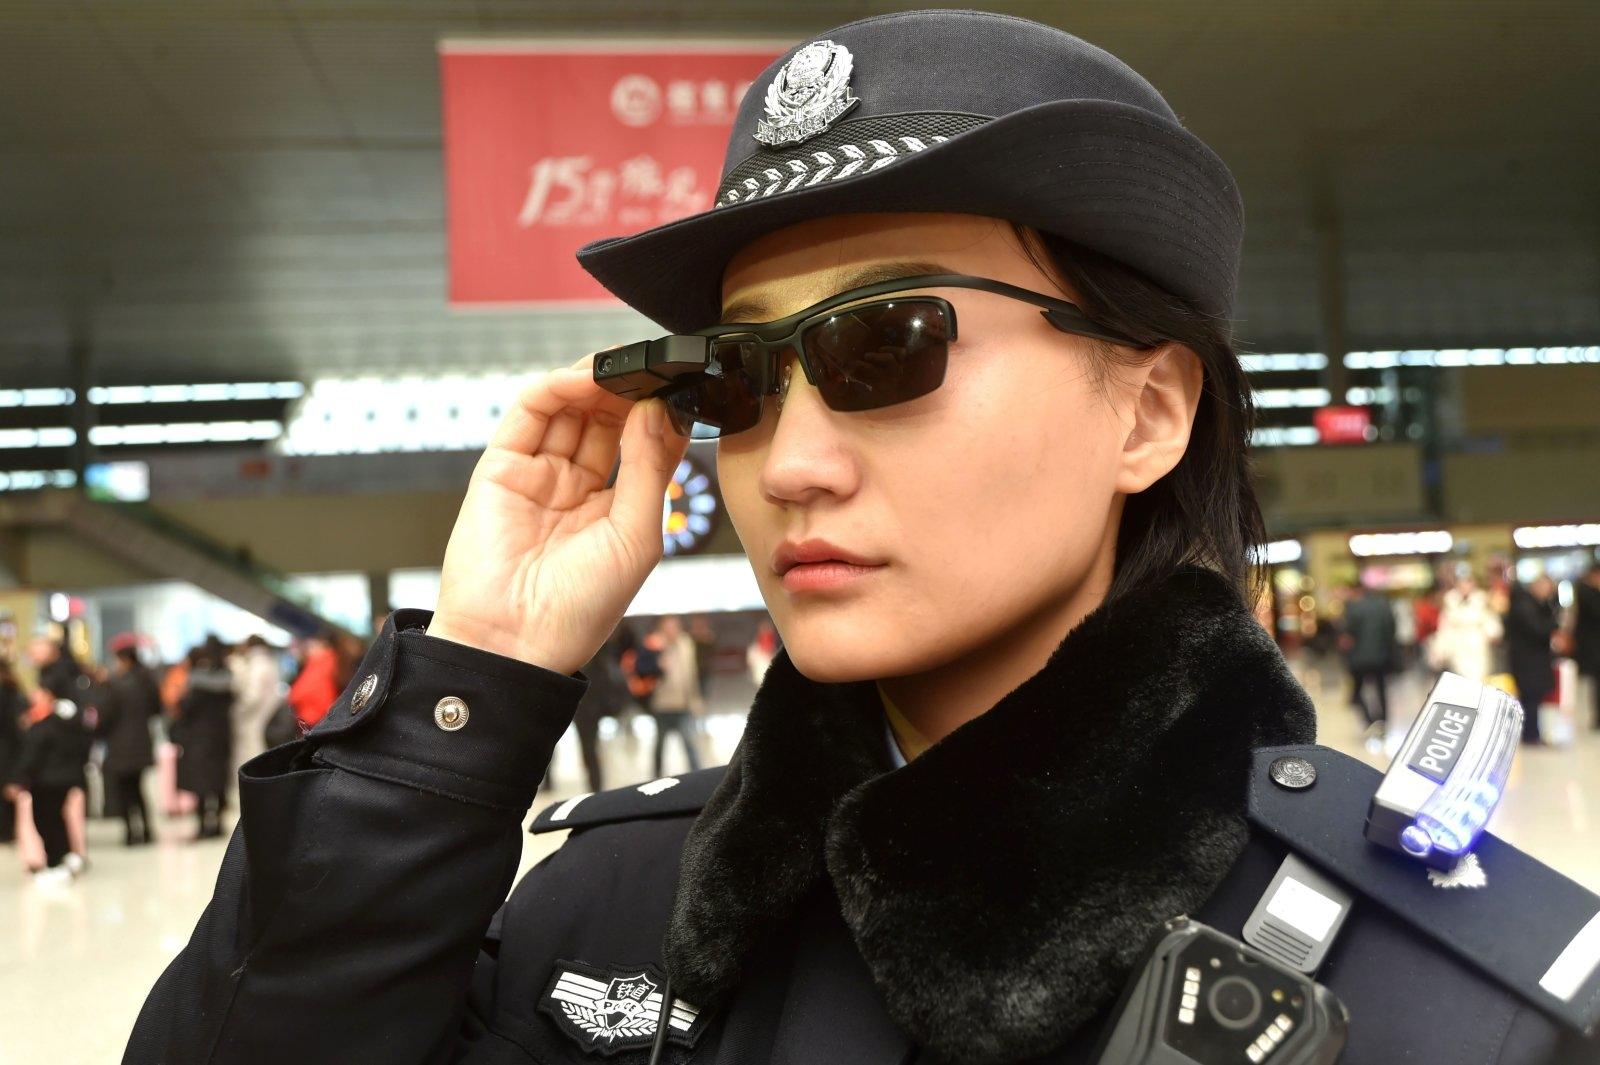 Китай став першою країною планети, де поліції видали смарт-окуляри